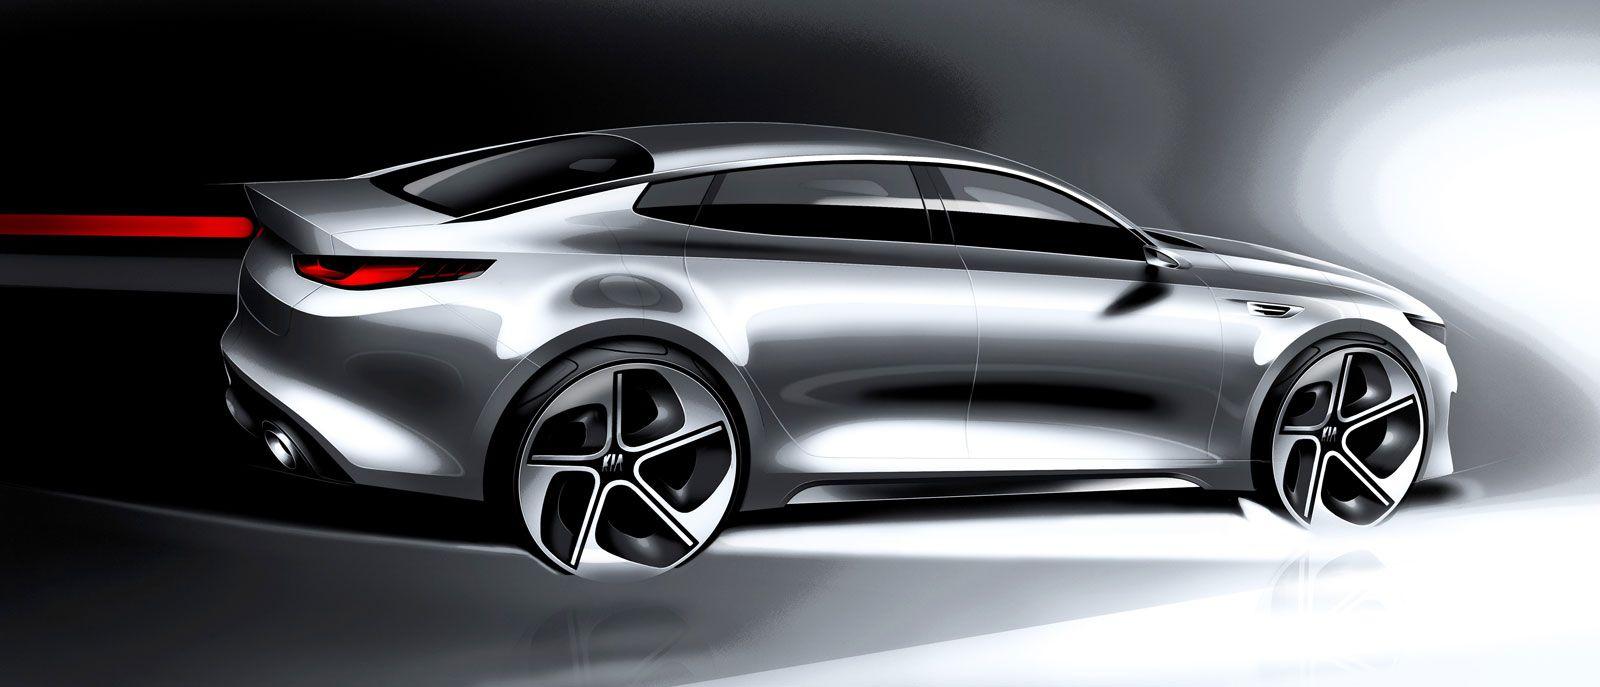 Awesome 2016 Kia Optima Concept